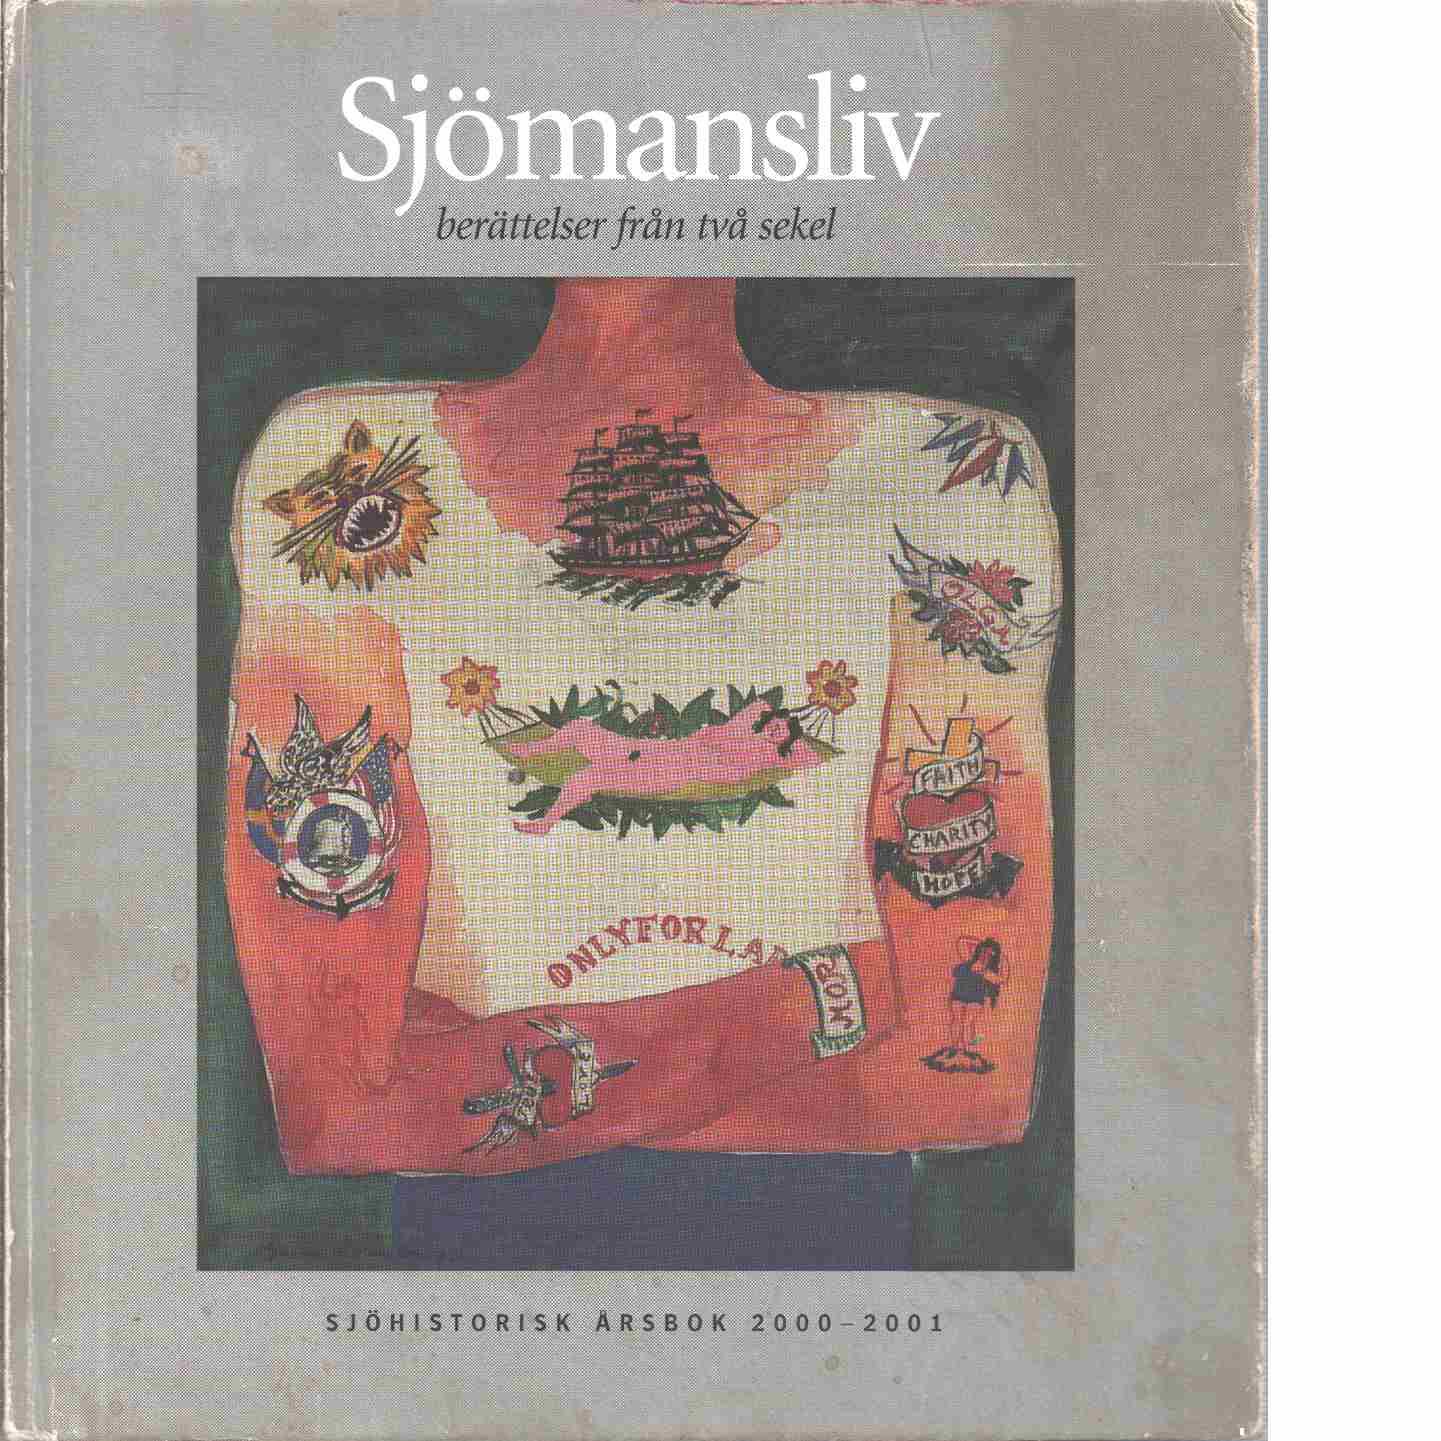 Sjömansliv : berättelser från två sekel  - Red.